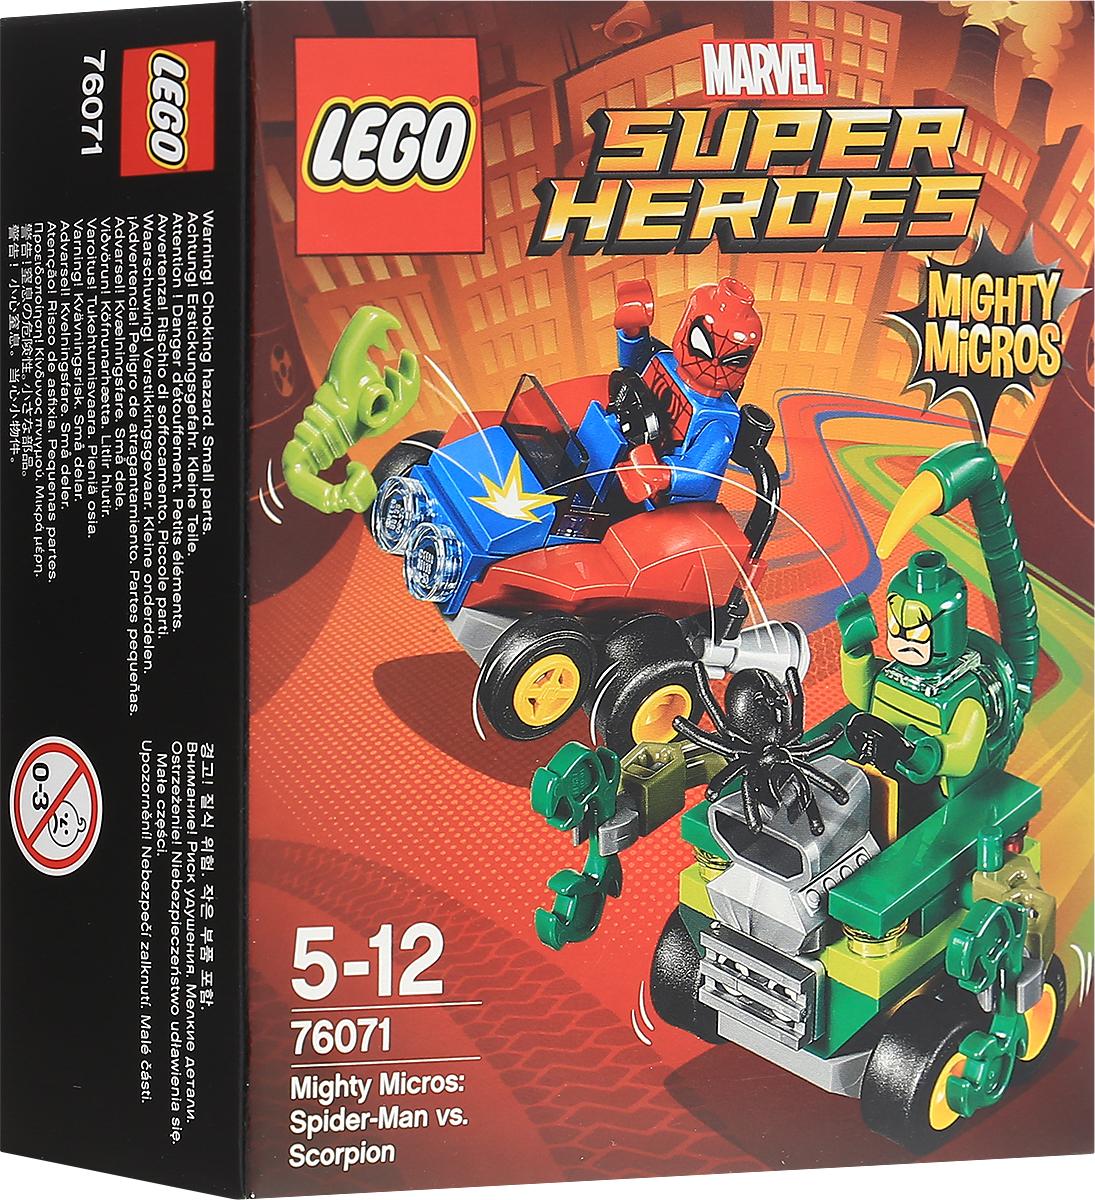 LEGO Super Heroes Конструктор Mighty Micros Человек-паук против Скорпиона 7607176071Человек-паук и Скорпион сошлись в смертельной схватке! Направьте жало на хвосте автомобиля суперзлодея на Человека-паука или используйте клешни, чтобы вытащить супергероя из его автомобиля. Нанесите ответный удар мини-спайдером Человека-паука. Но не забывайте про летающего мини-скорпиона! Набор включает в себя 79 разноцветных пластиковых элементов. Конструктор - это один из самых увлекательных и веселых способов времяпрепровождения. Ребенок сможет часами играть с конструктором, придумывая различные ситуации и истории.